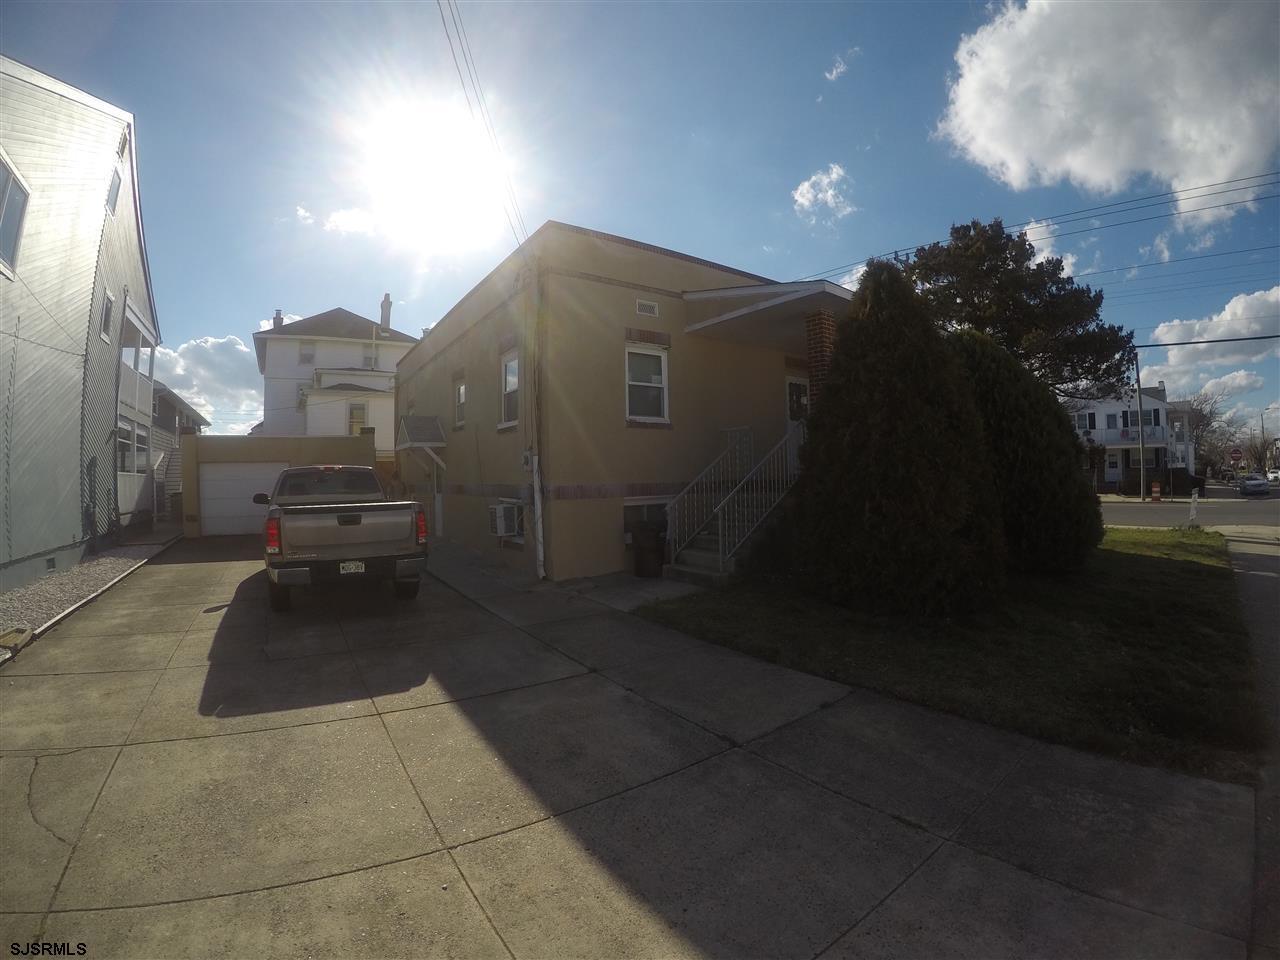 6900 Ventnor Ave, Ventnor, NJ 08406